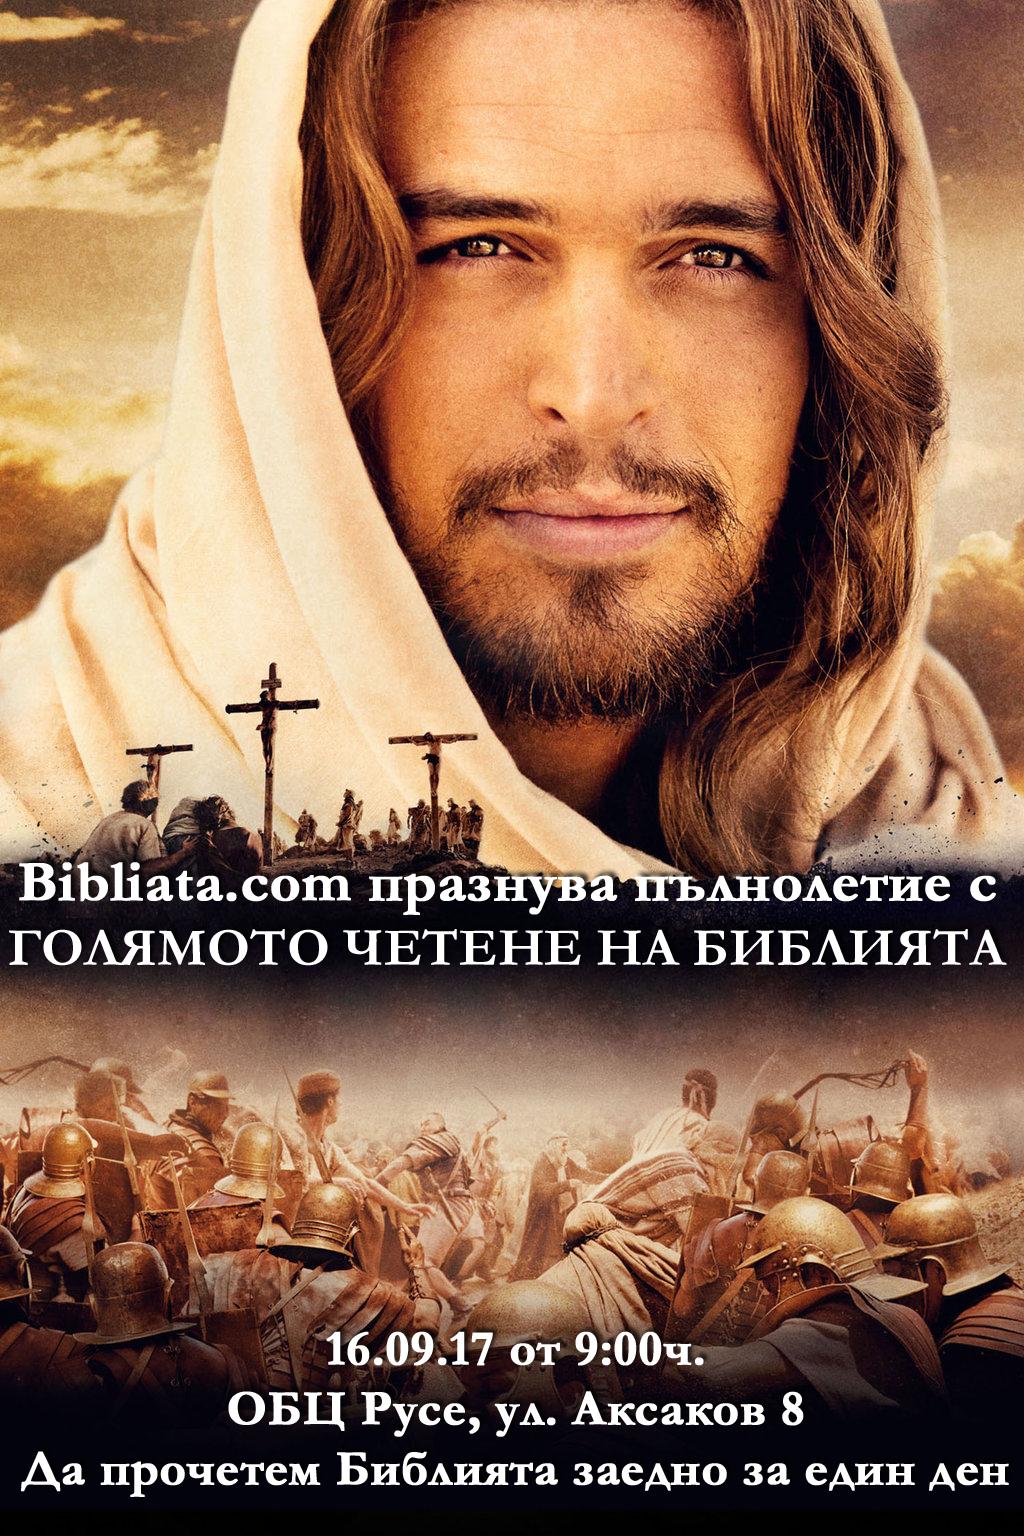 Bibliata.com празнува пълнолетие с ГОЛЯМОТО ЧЕТЕНЕ на БИБЛИЯТА